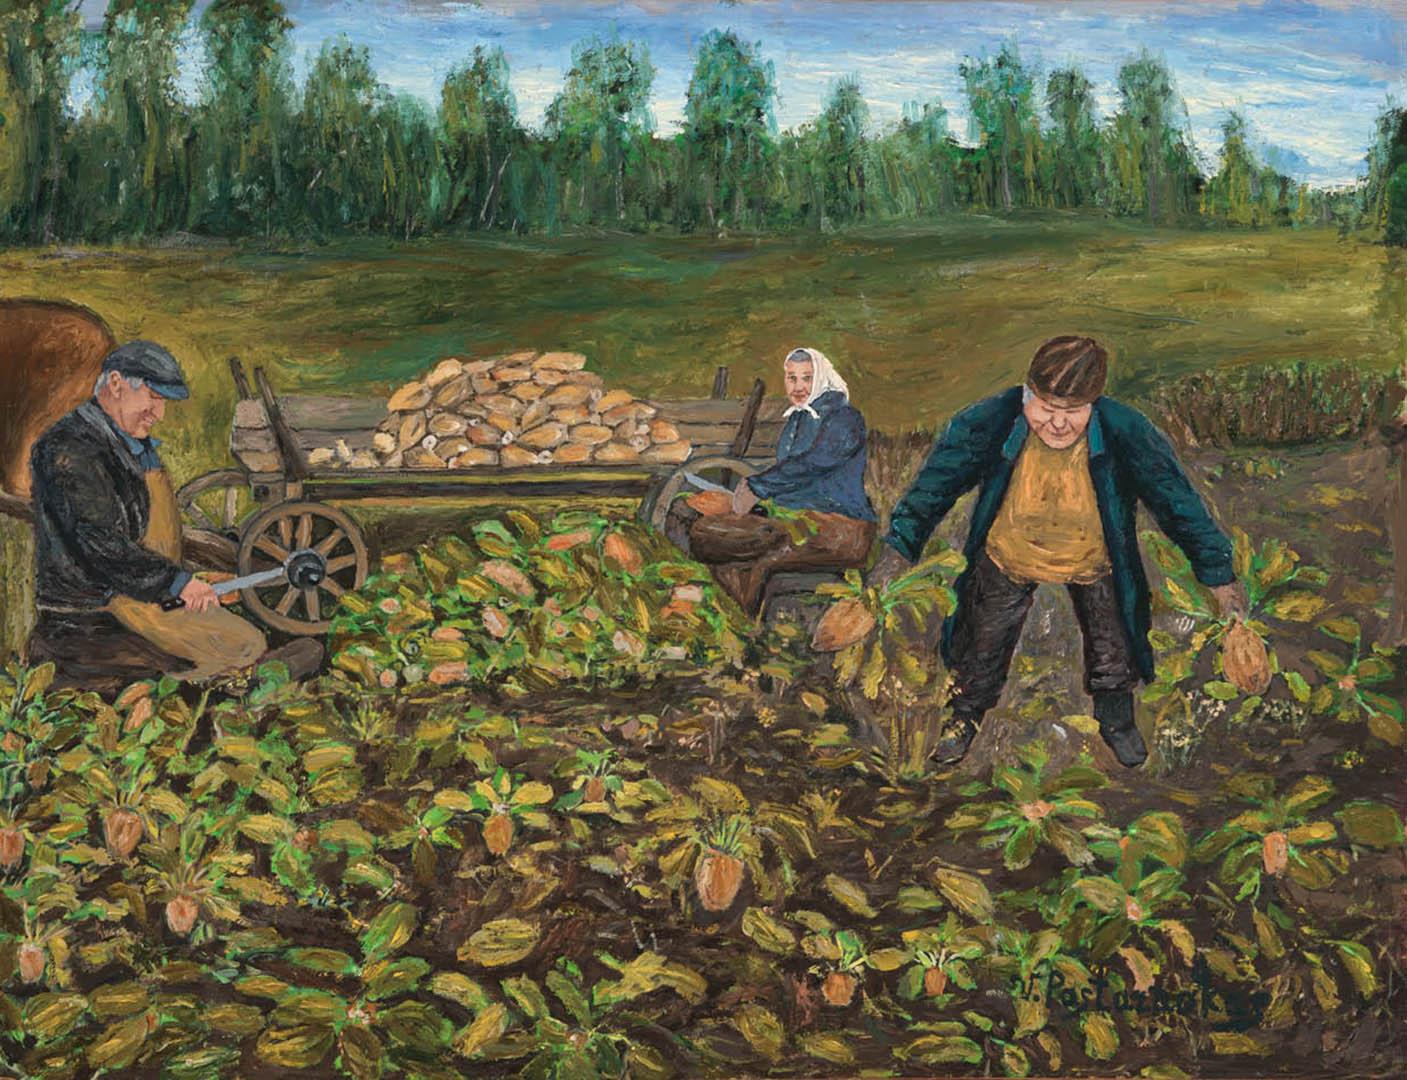 """Vytautas Pastarnokas. """"Burokų rovimas"""", 2019 m. Kartonas, aliejus; 51 x 65,5 cm"""